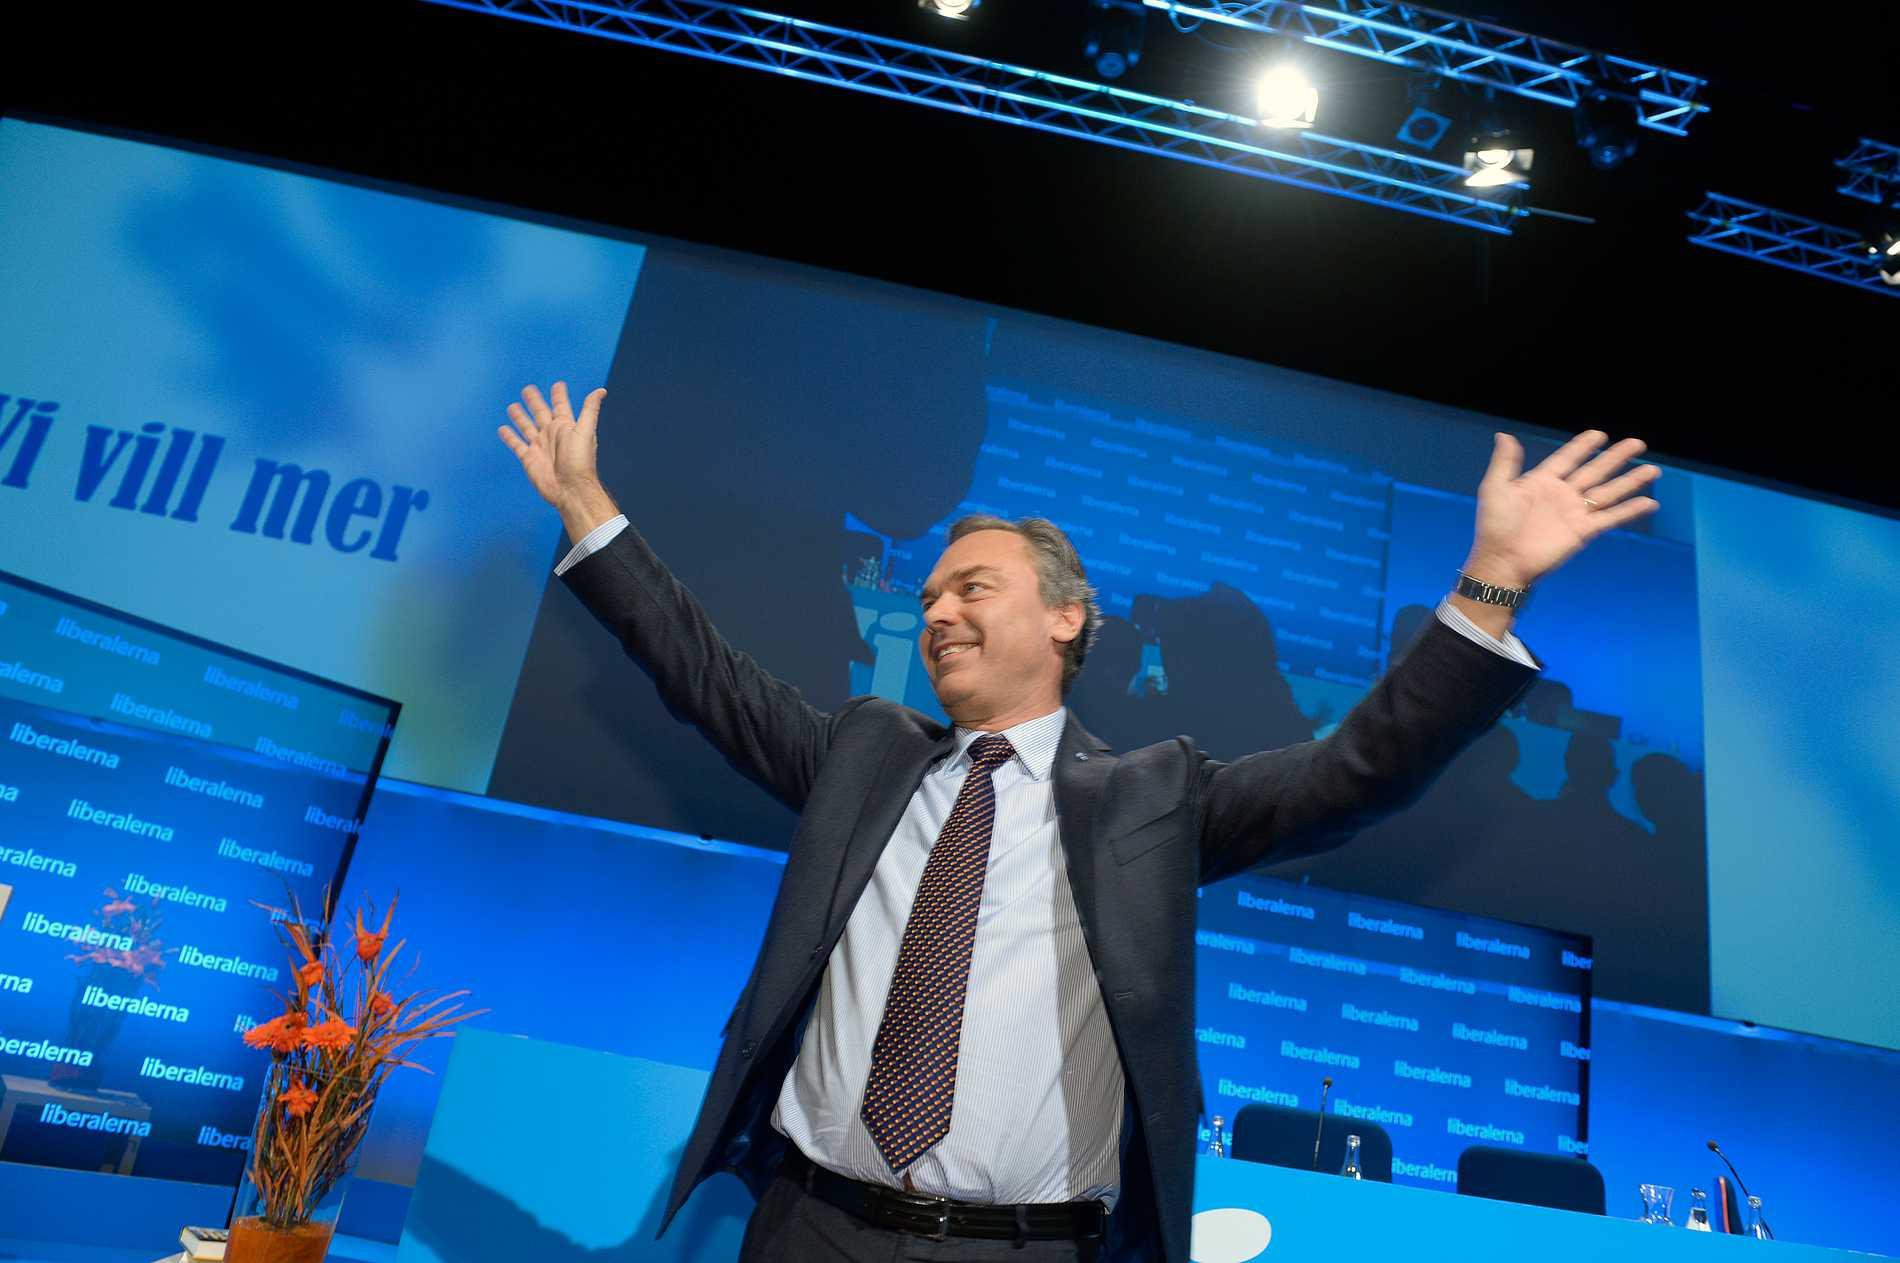 Utbildningsminister Jan Björklund är flummigare än de flesta.